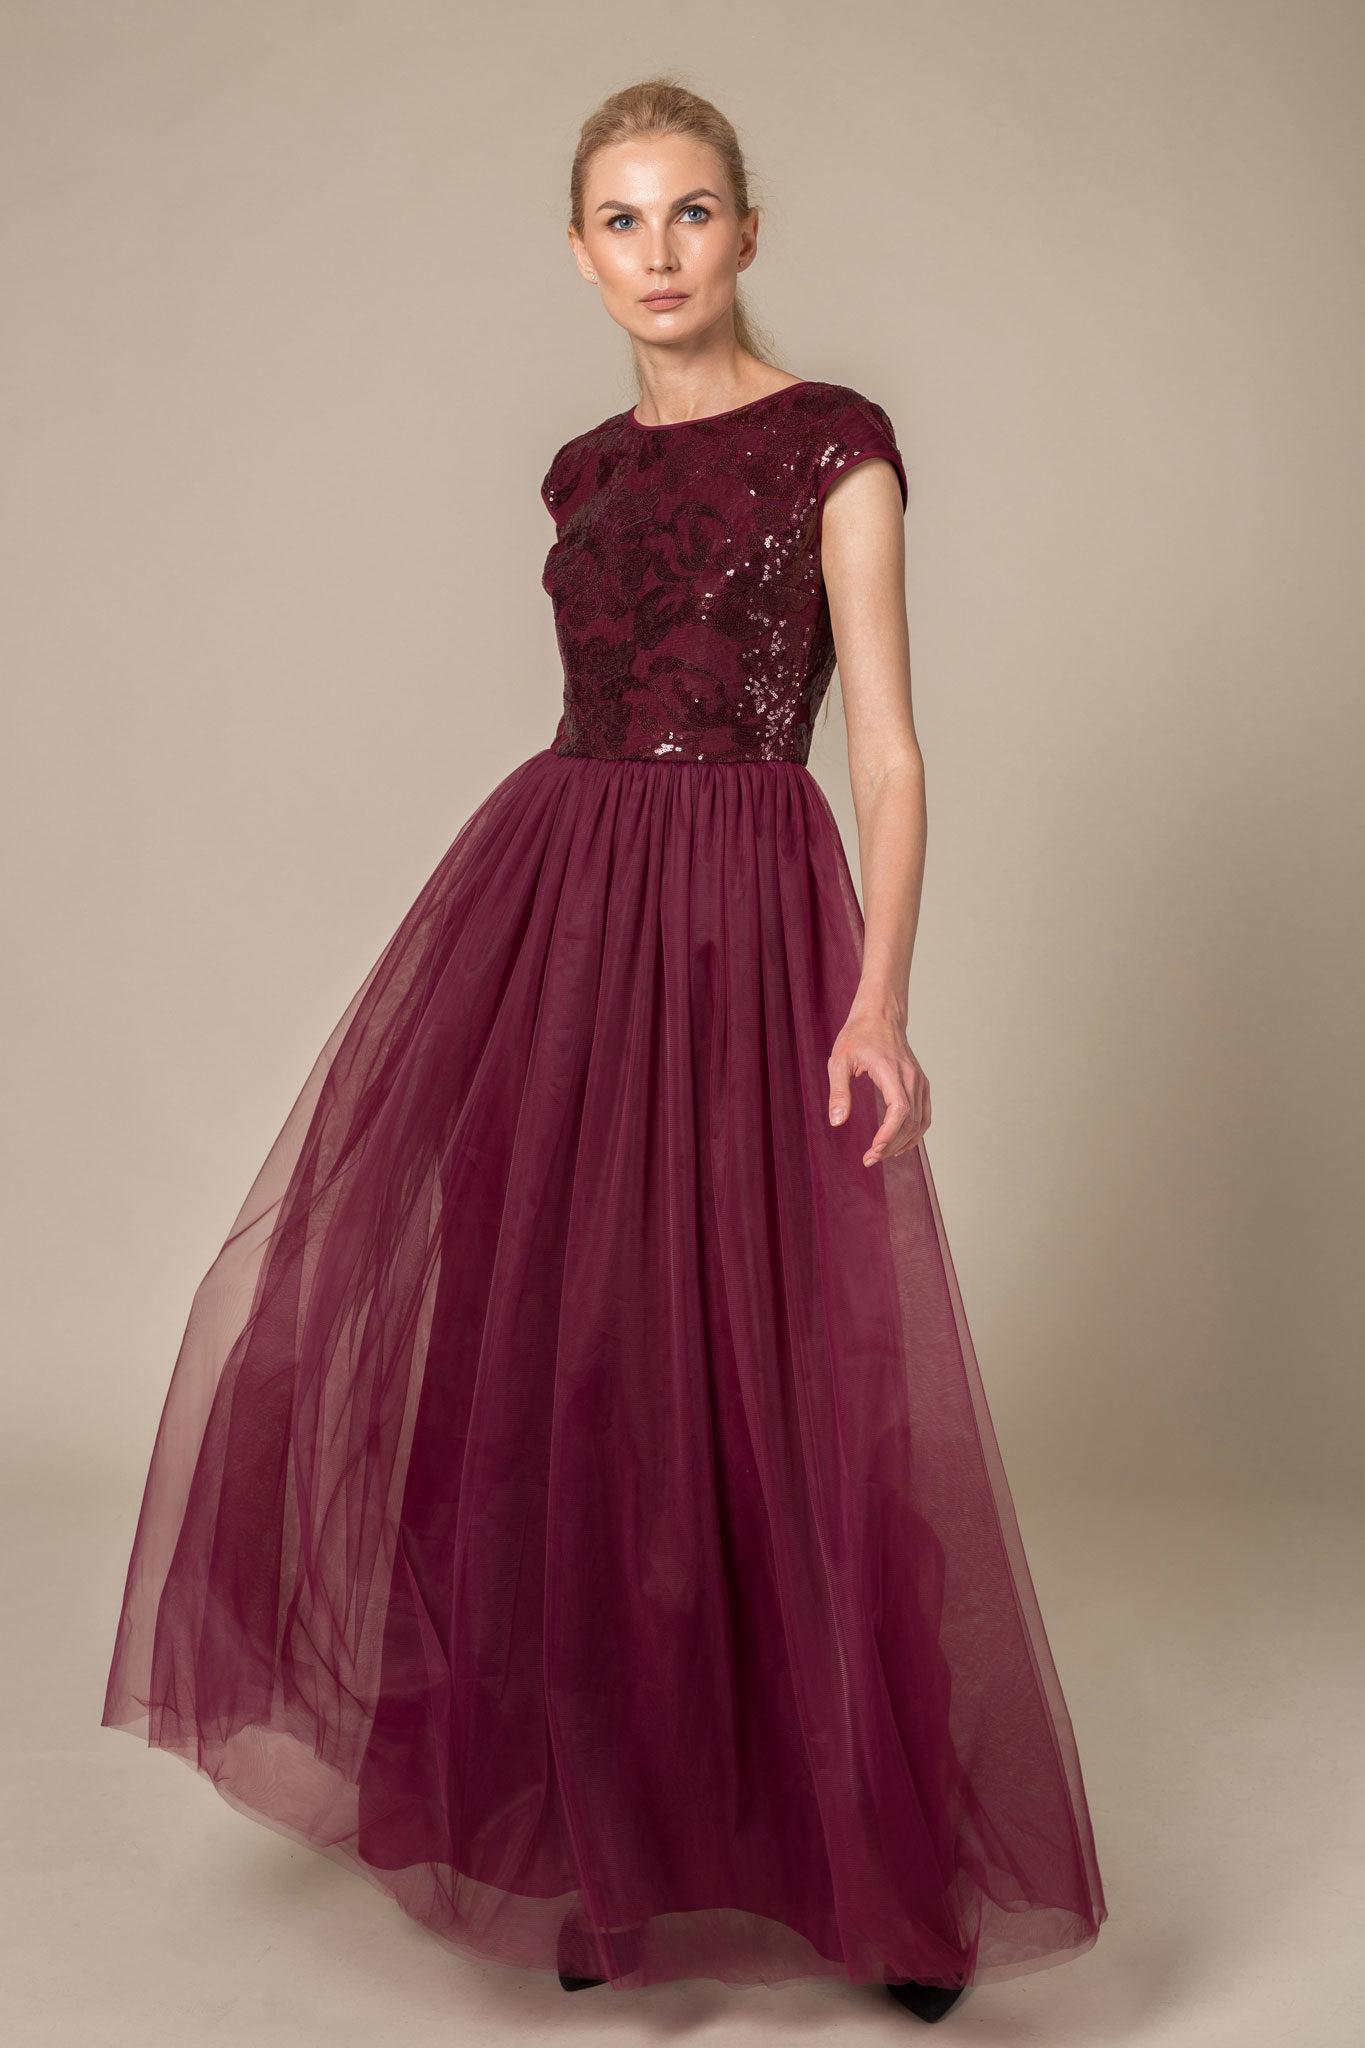 Floor length burgundy evening dress with sequin top